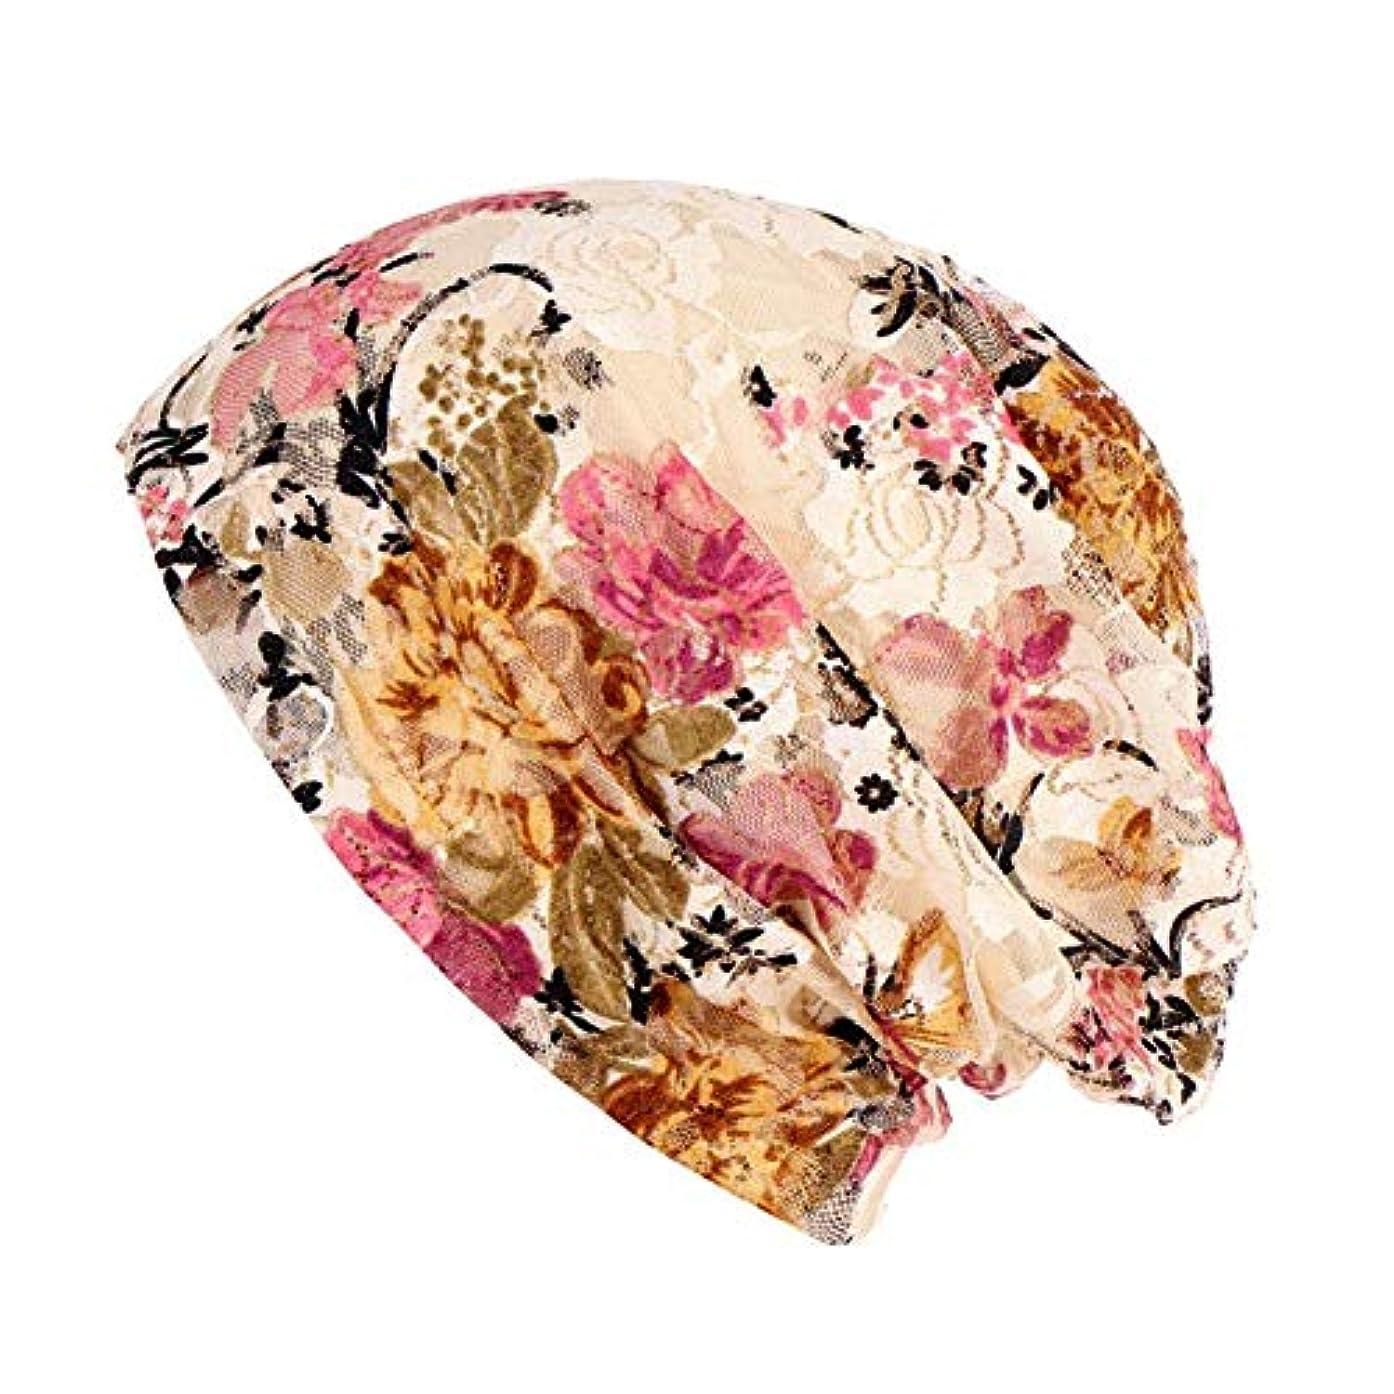 パプアニューギニアフォーク舌なヘッドスカーフ レディース ビーニーハット レディース 柔らかい 多用途 頭飾り 軽量 通気性 眠り、化学療法 、 キャンサーと脱毛症